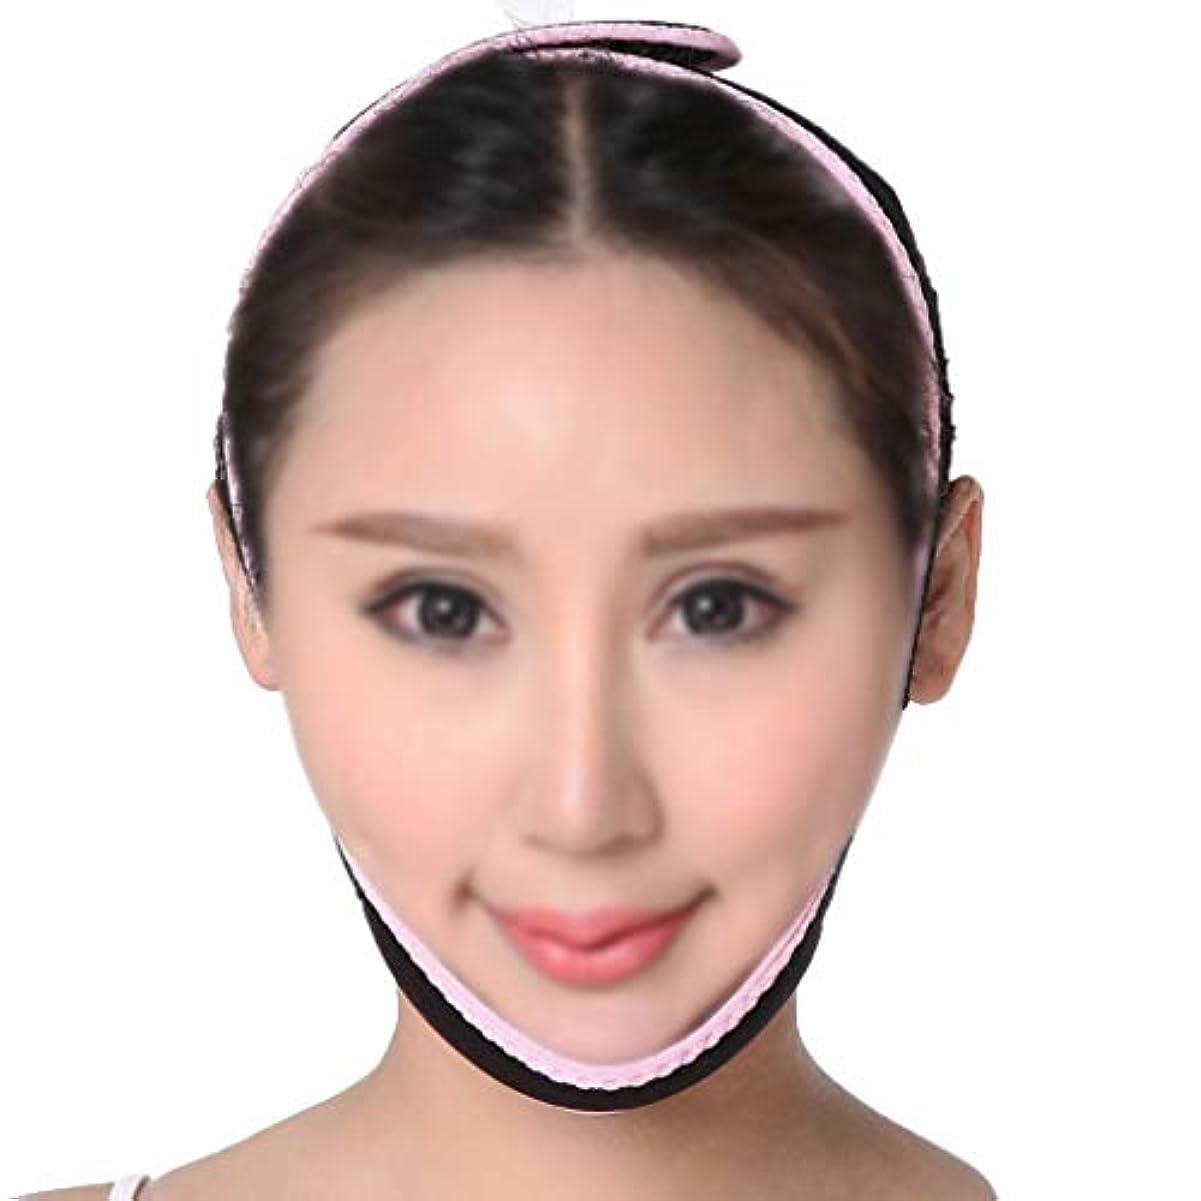 類似性ご覧ください床を掃除するGLJJQMY 引き締めマスク薄い顔面マスクフェイスリフティング器具V顔薄い顔面包帯薄い顔マッサージ器薄い顔面マスクフェイスリフティング装置 顔用整形マスク